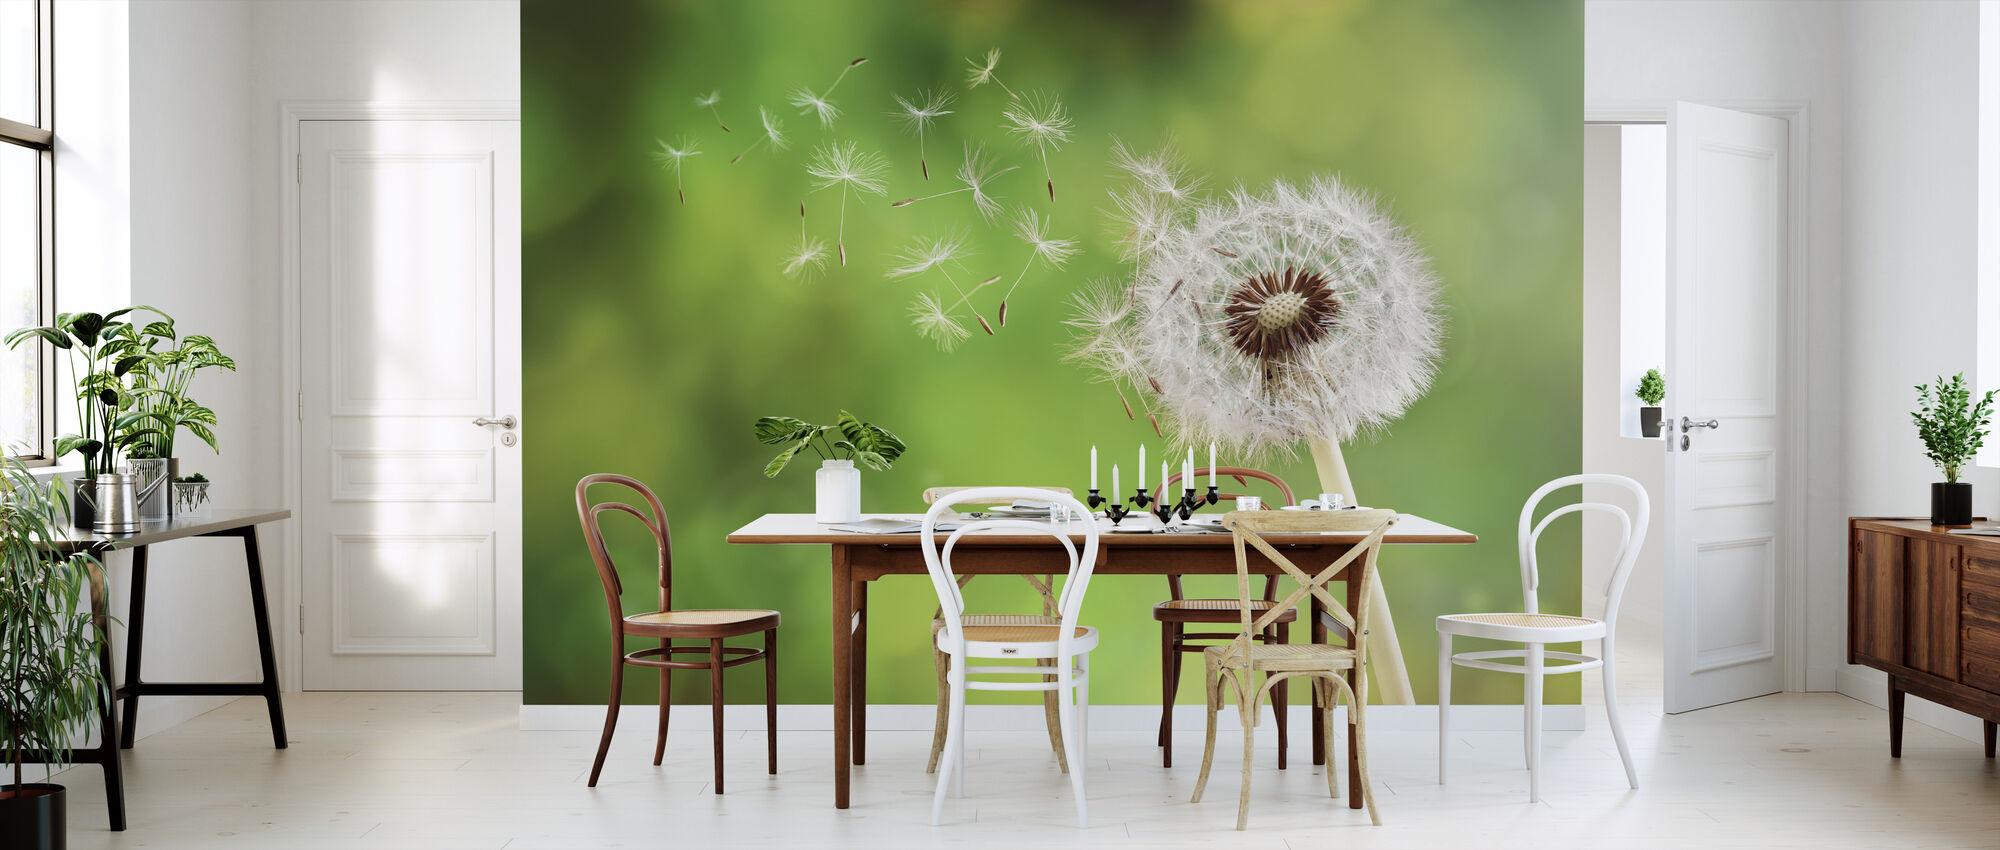 Dandelion - Wallpaper - Kitchen